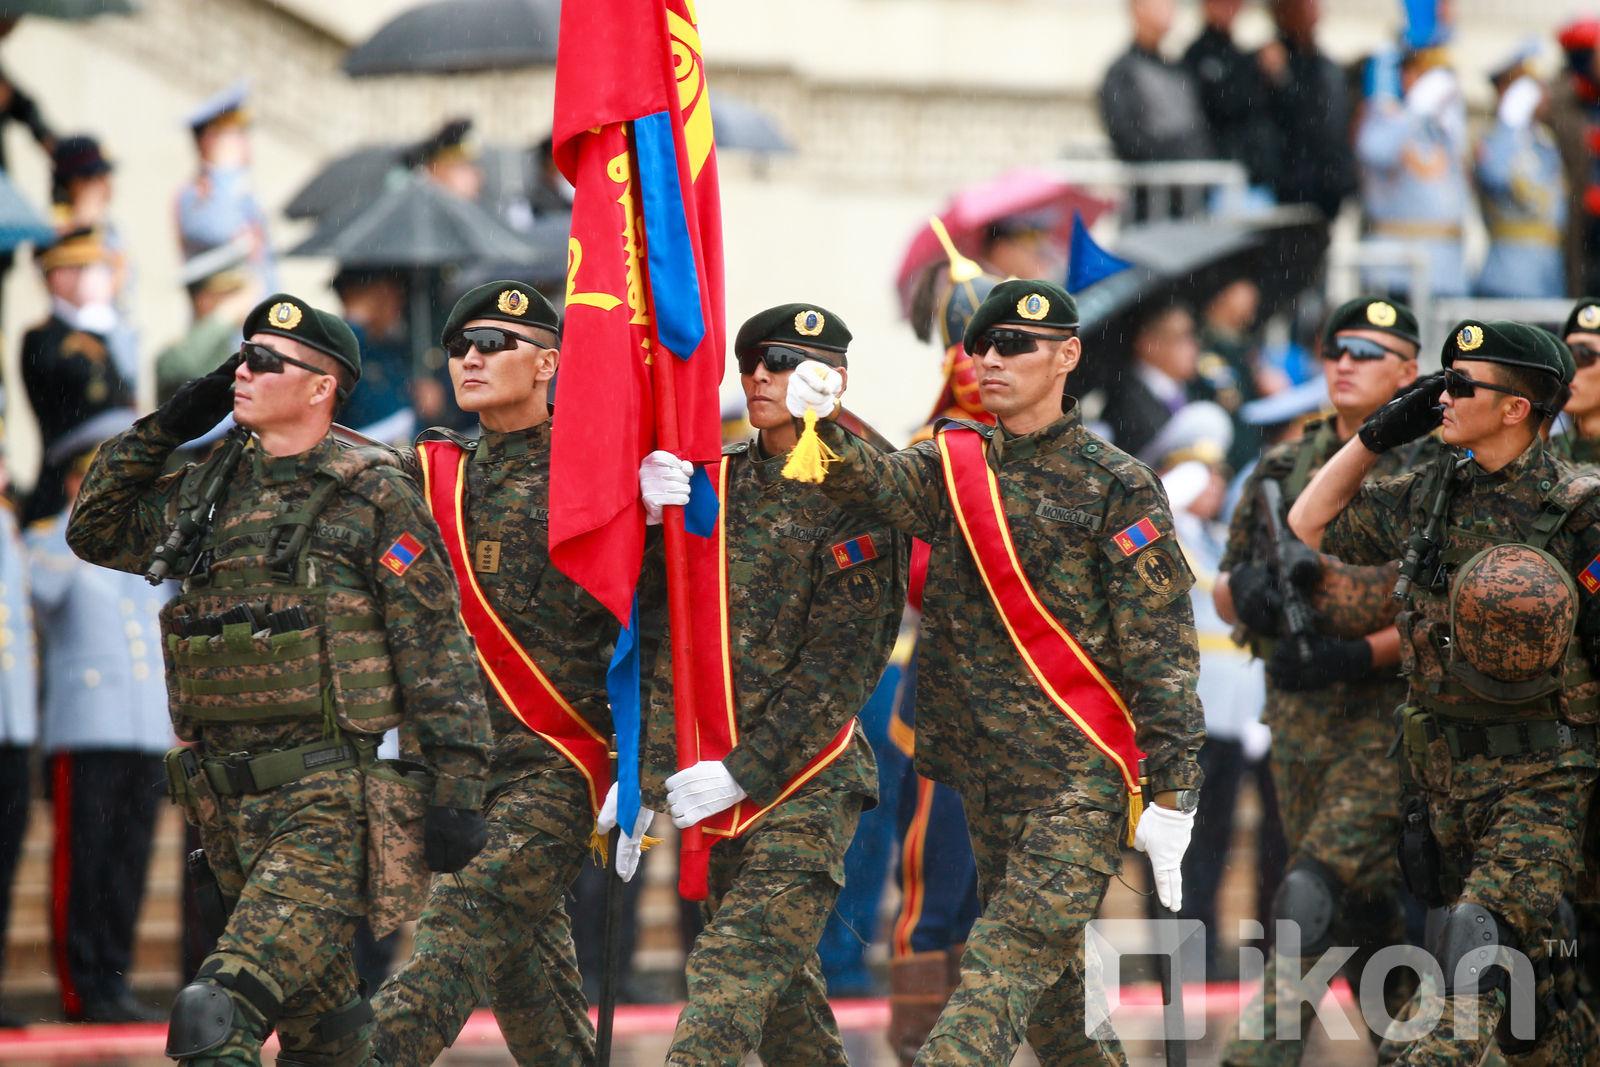 Военный парад в Монголии в честь Дня народной революции 1921 года Монголии, народной, революции, войск, СухэБатор, победу, парад, честь, министром, УланБатор, Народное, сформировано, столицу, освободили, генерала, Штернберга, Унгерна, барона, премьерминистром, белогвардейского